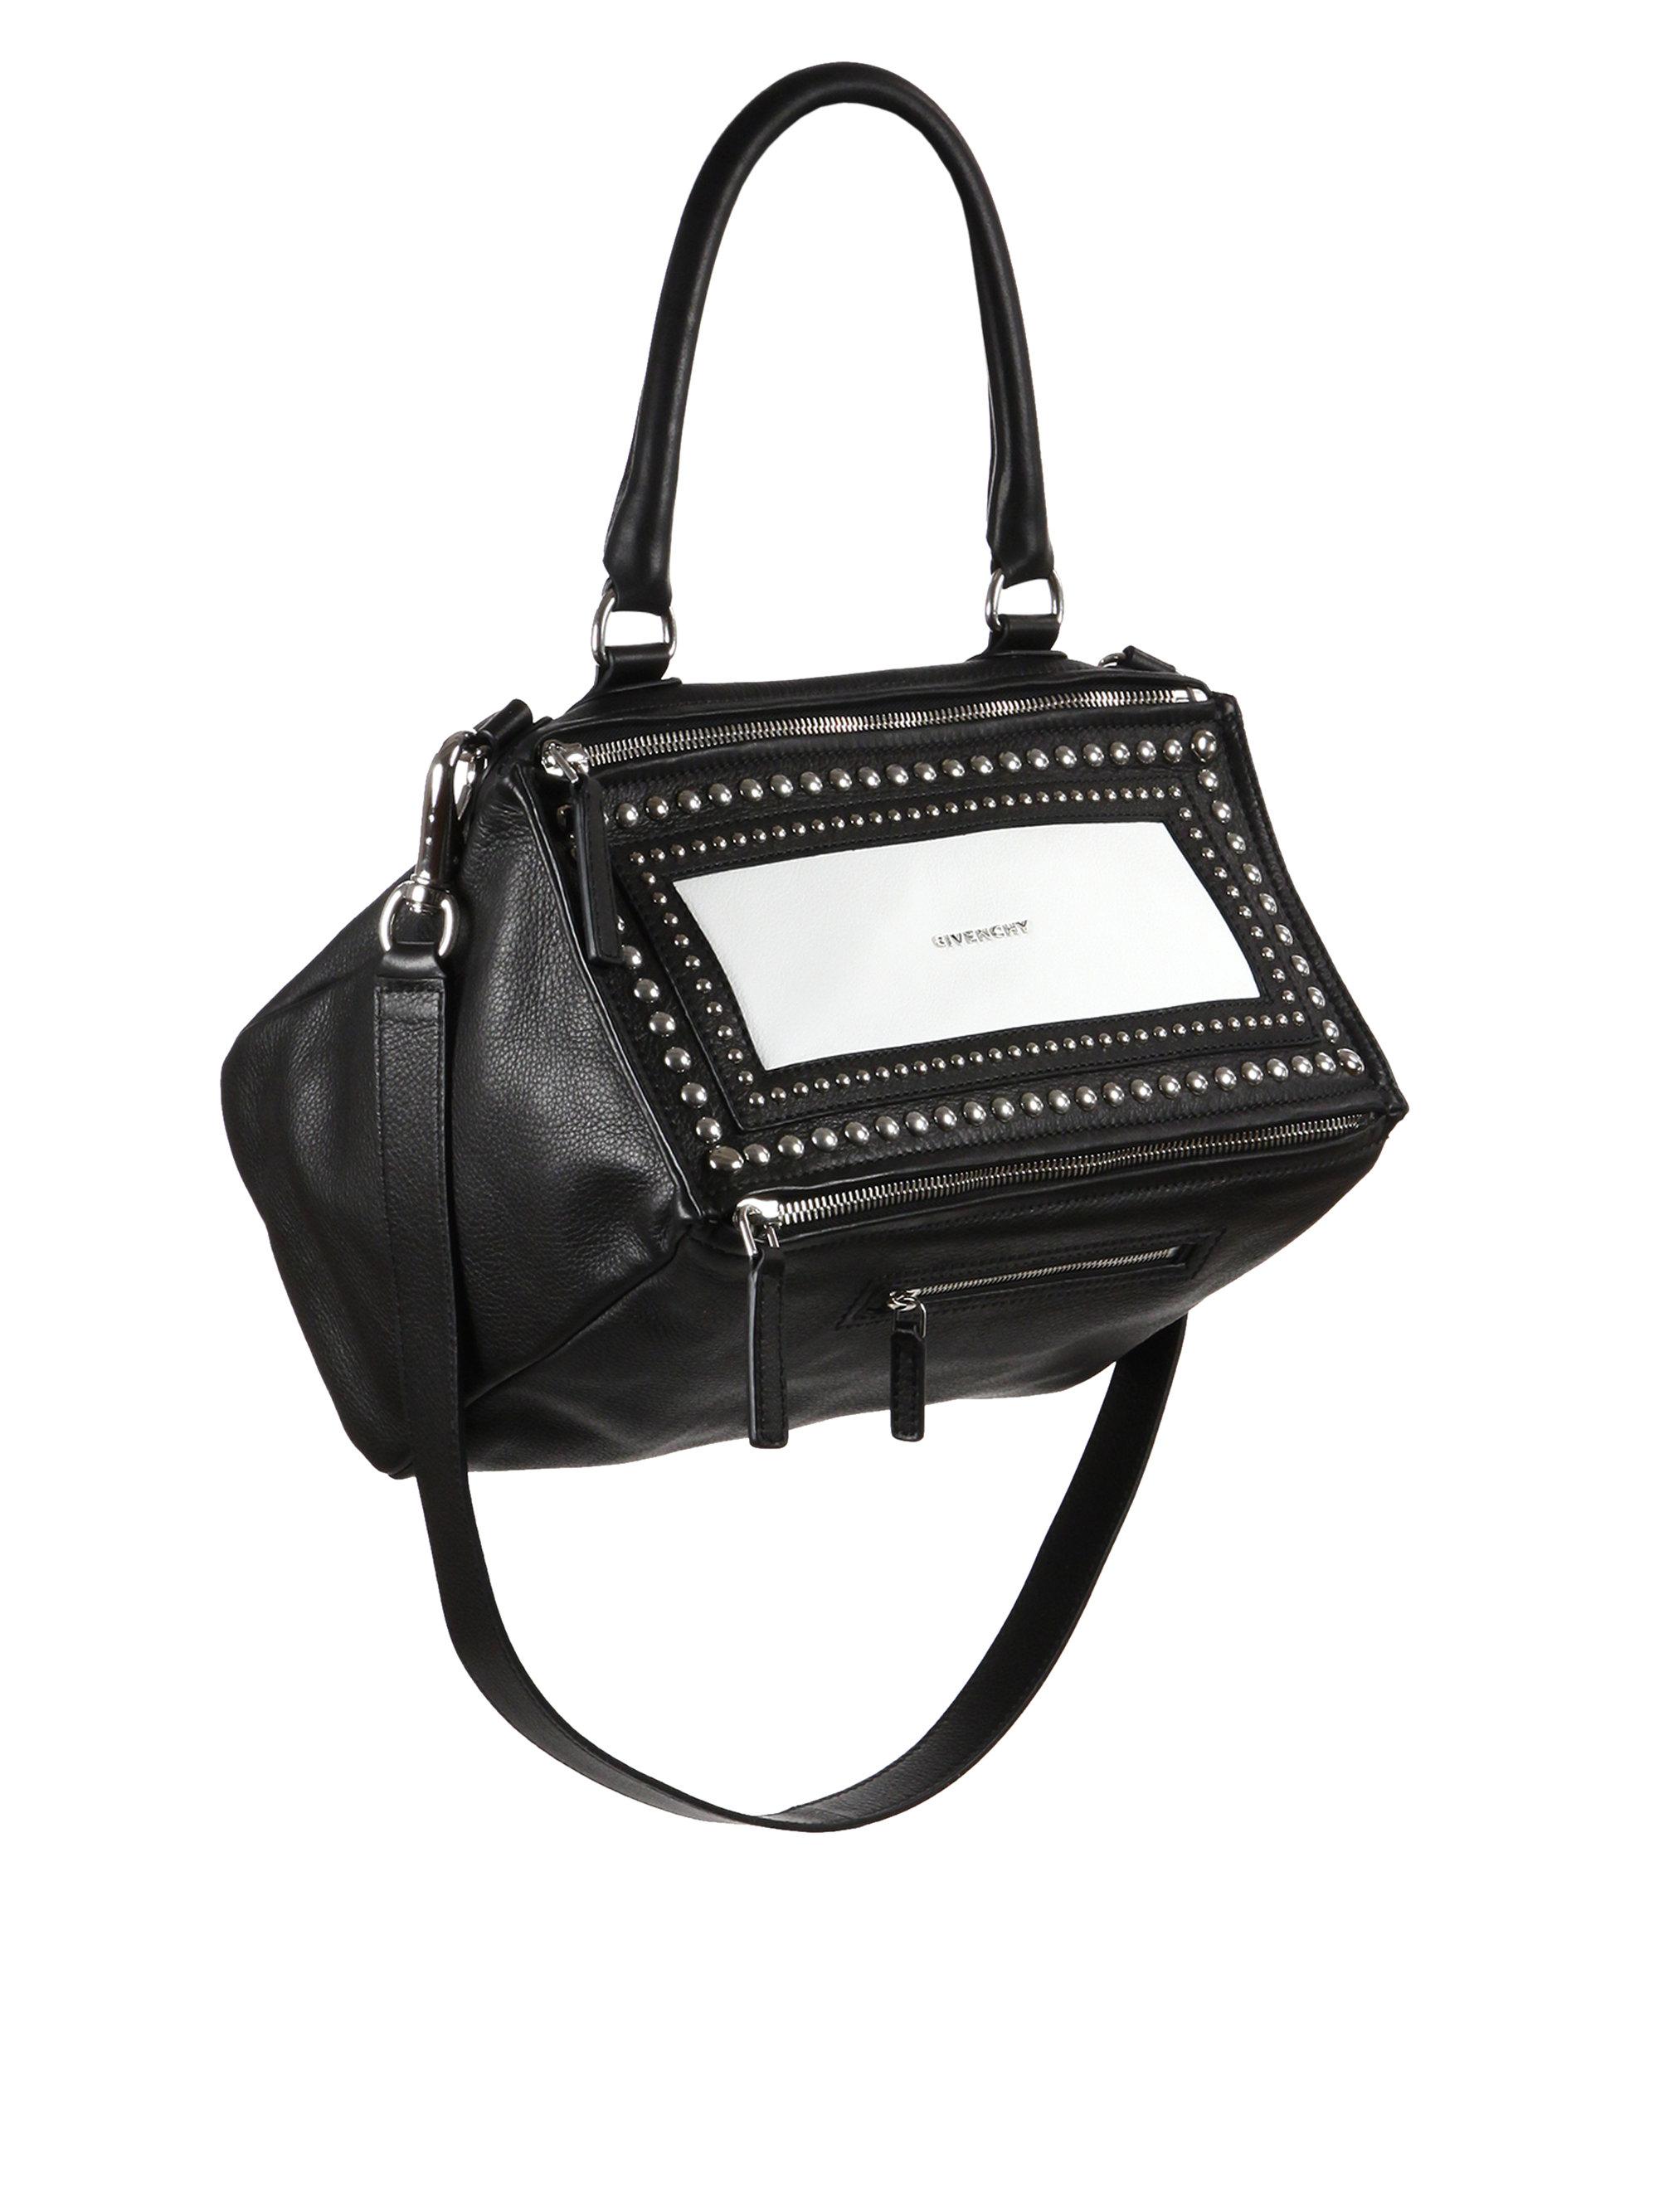 Givenchy Pandora Medium Studded Shoulder Bag in Black | Lyst